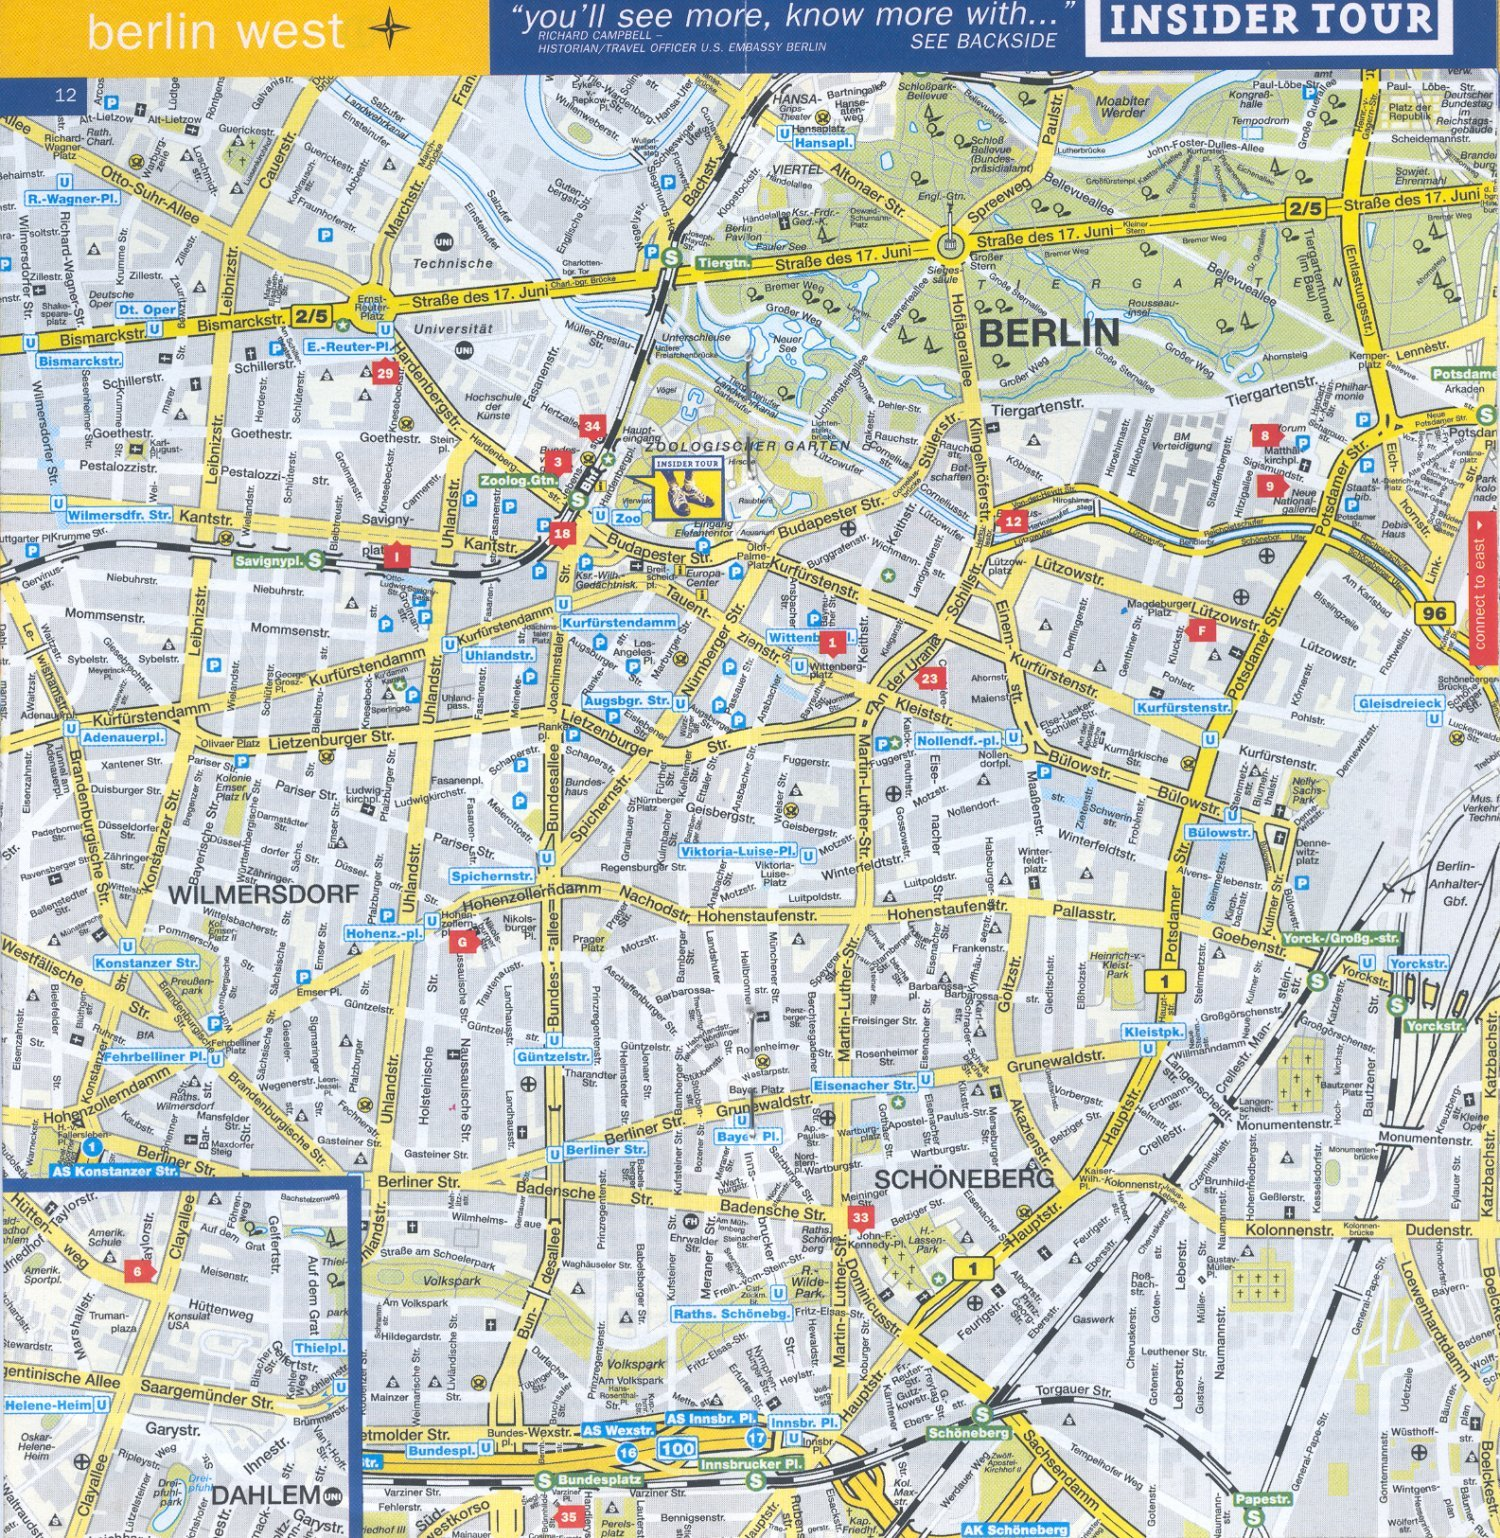 Plano de Berlín Oeste